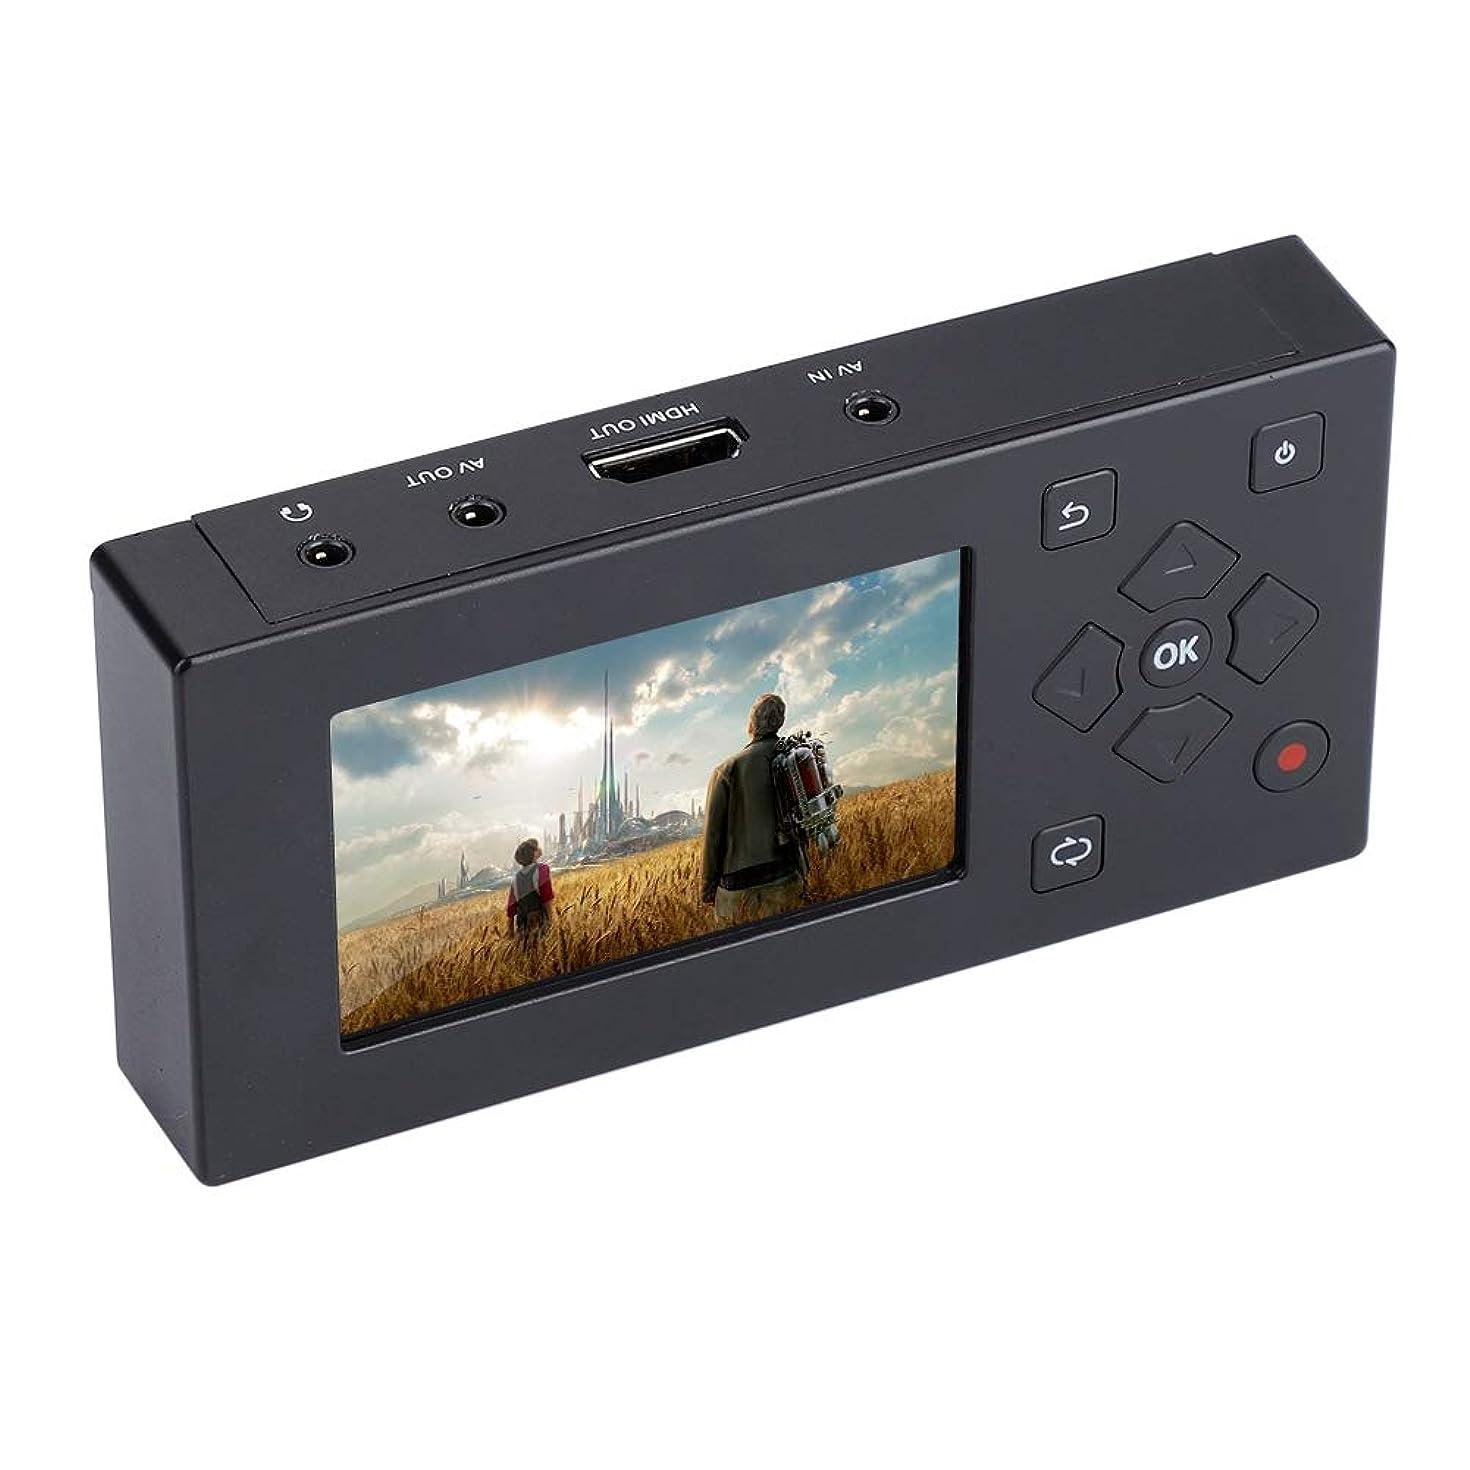 Video Recorder,ASHATA Portable 3